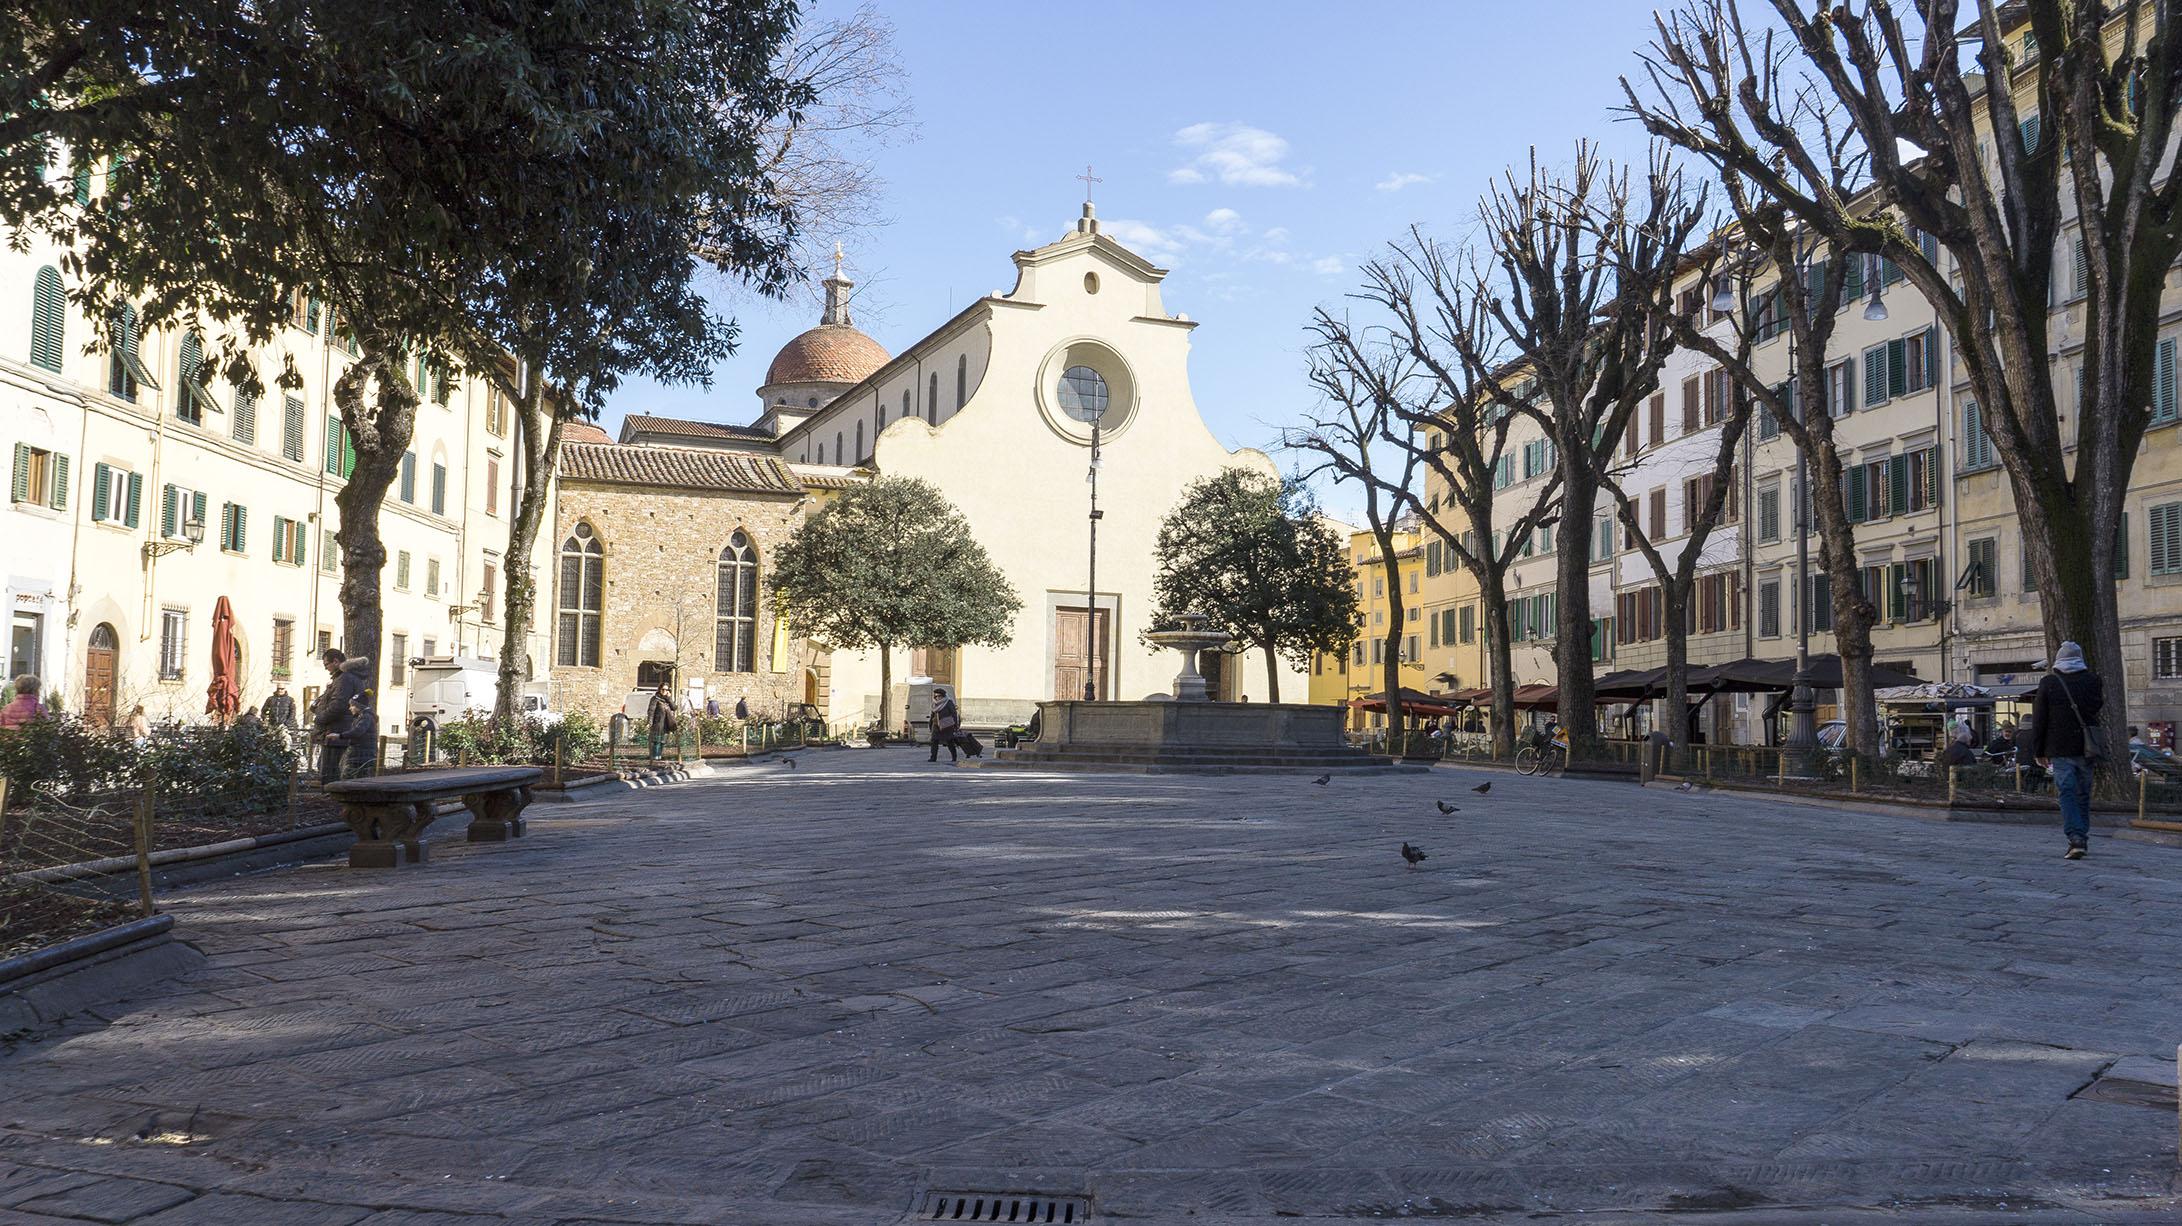 Достопримечательности Флоренции: площадь Santo Spirito